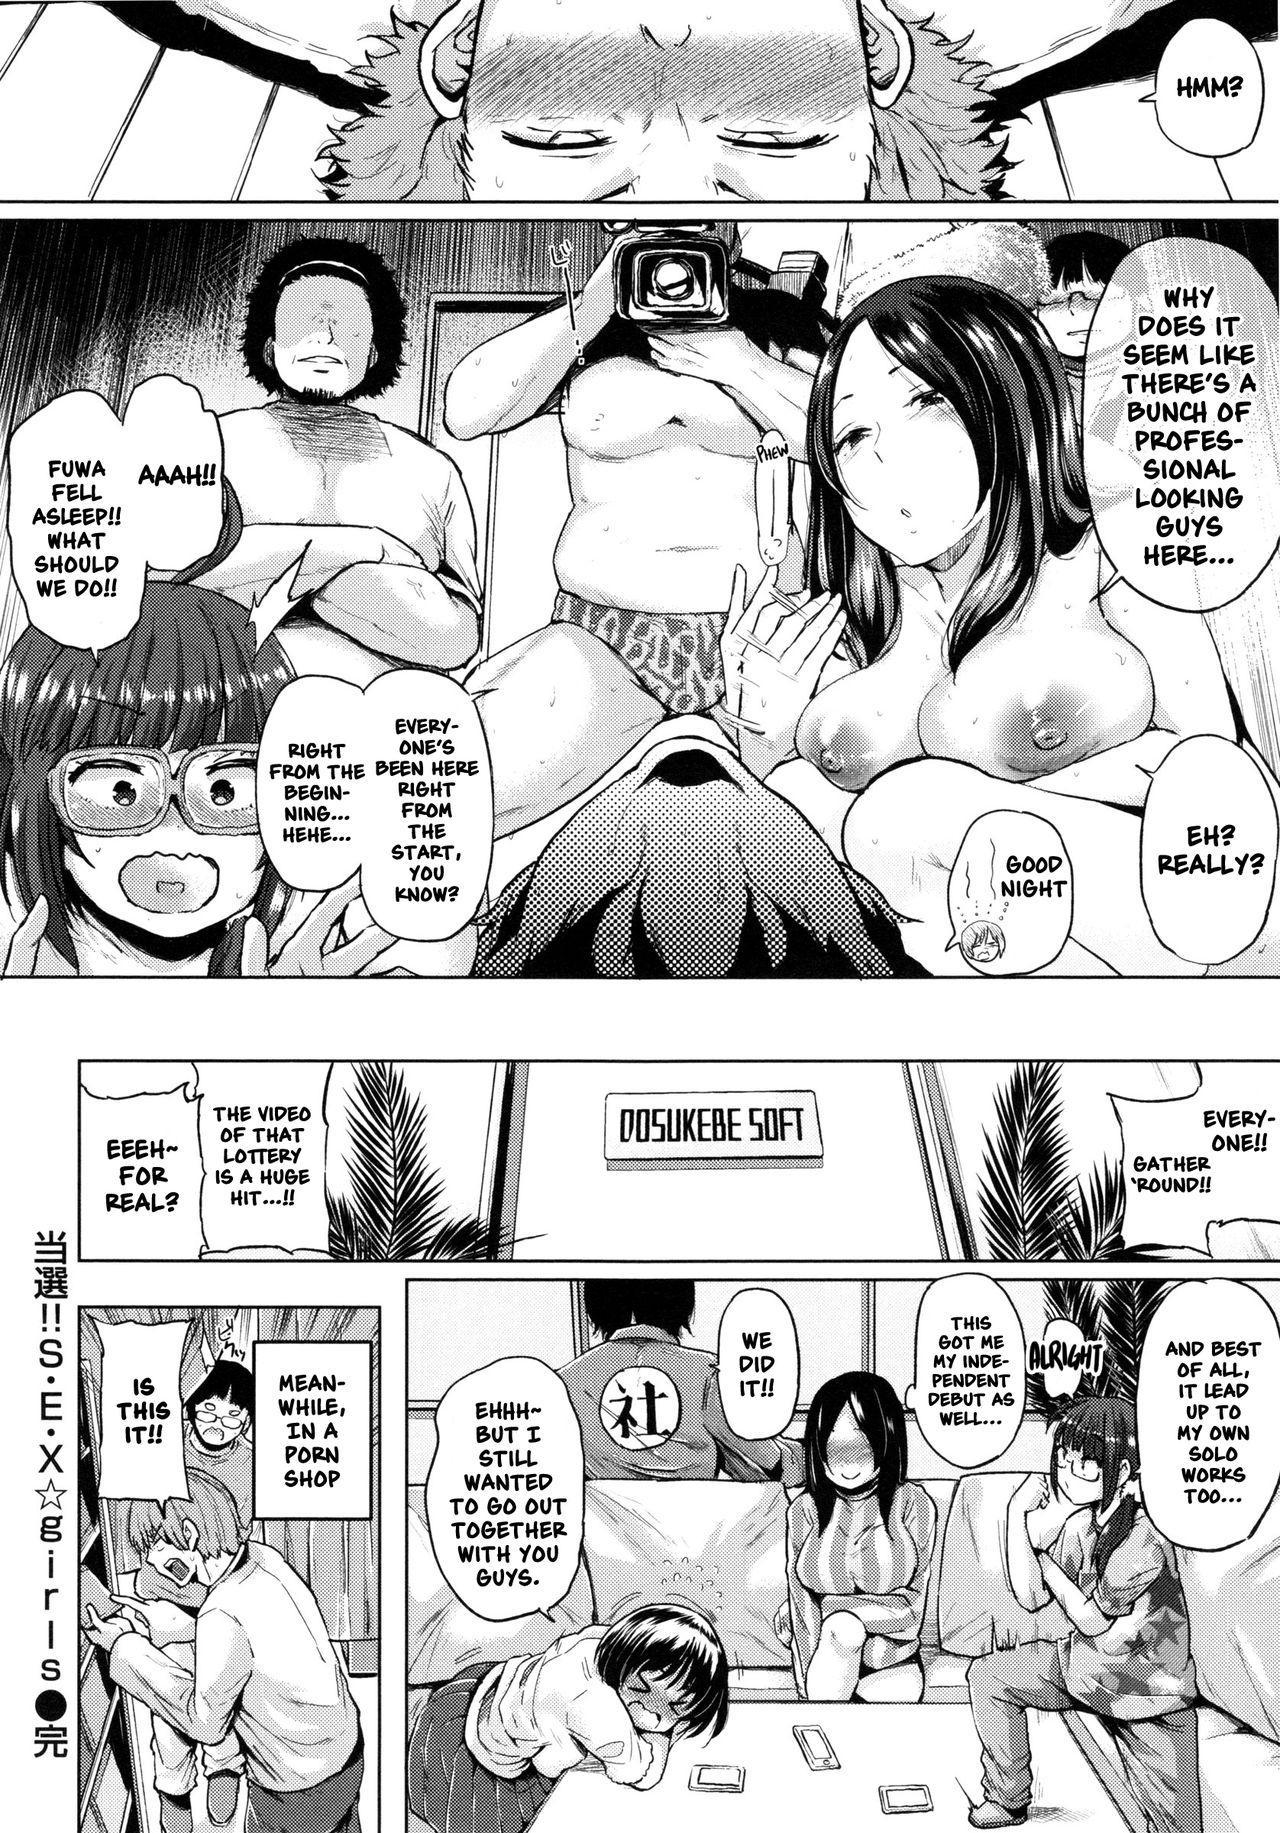 [Yumeno Tanuki] Tousen!! S・E・X☆girls ~Anata no Ouchi de Pakorimasu~ | Winner!! S・E・X☆girls ~We'll Fuck at Your Home~ (Pacori Share) [English] [Nishimaru] 19